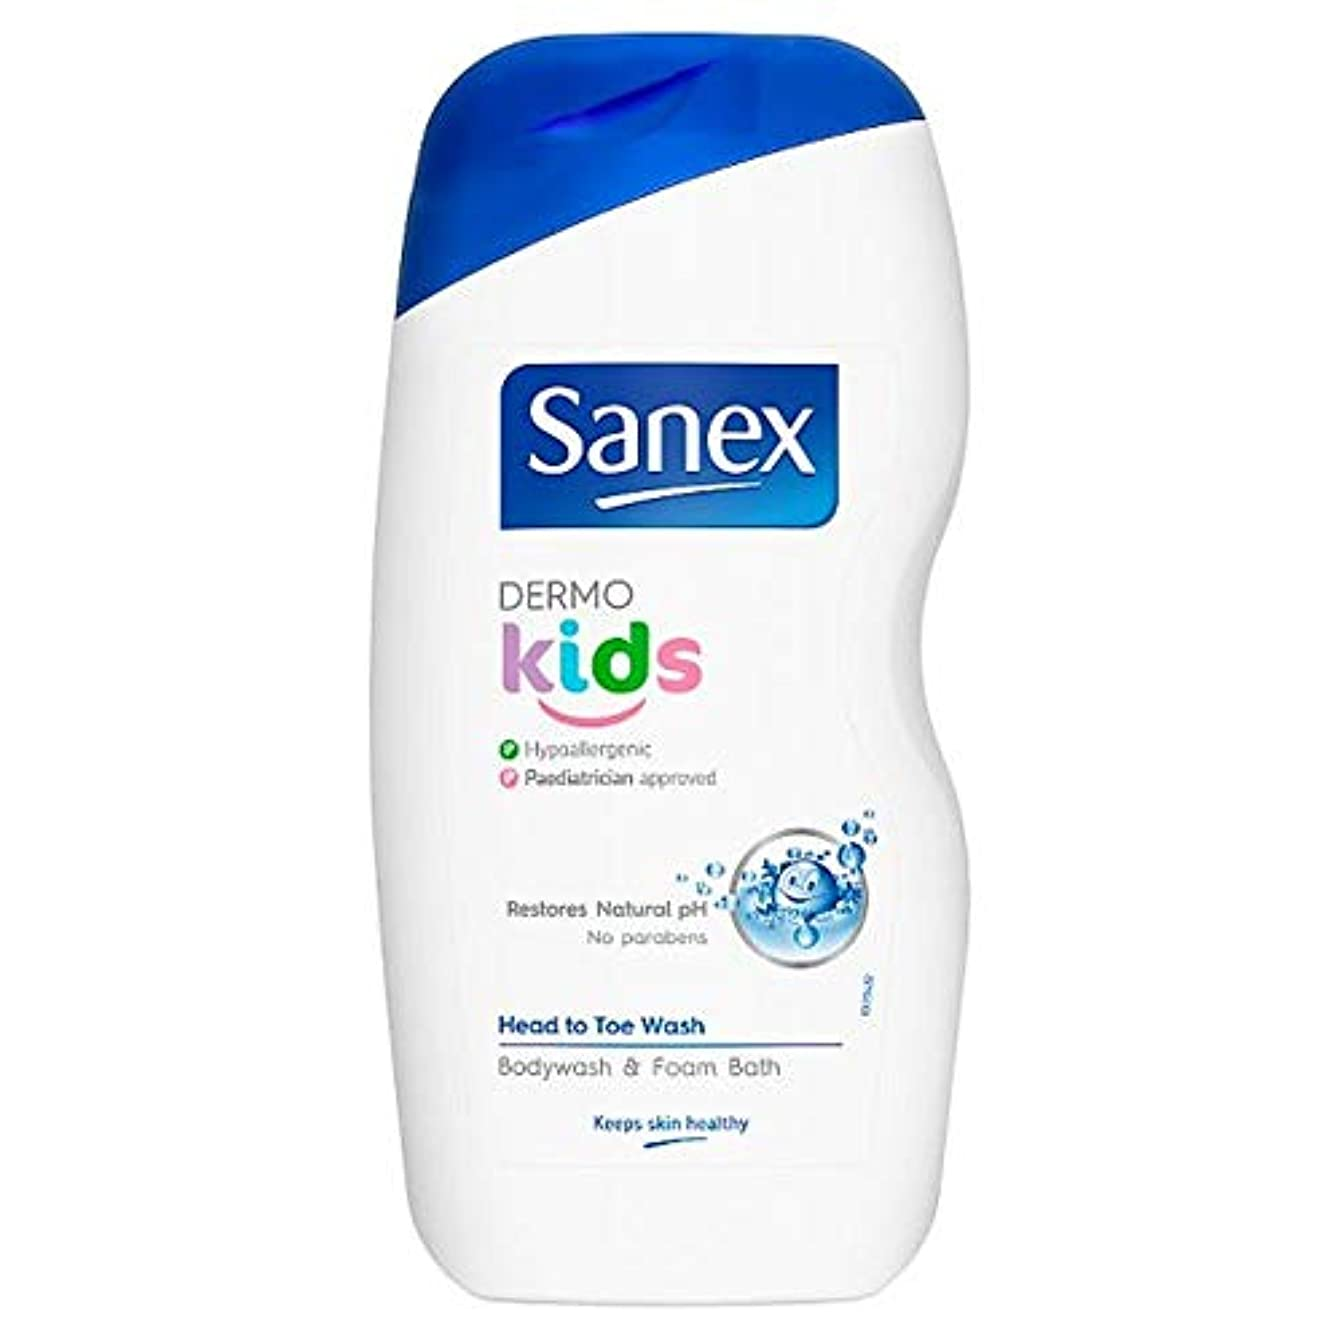 お別れ便宜アプライアンス[Sanex] Sanexは子供のボディウォッシュをゼロと500ミリリットルをFoambath - Sanex Zero Kids Body Wash And Foambath 500Ml [並行輸入品]